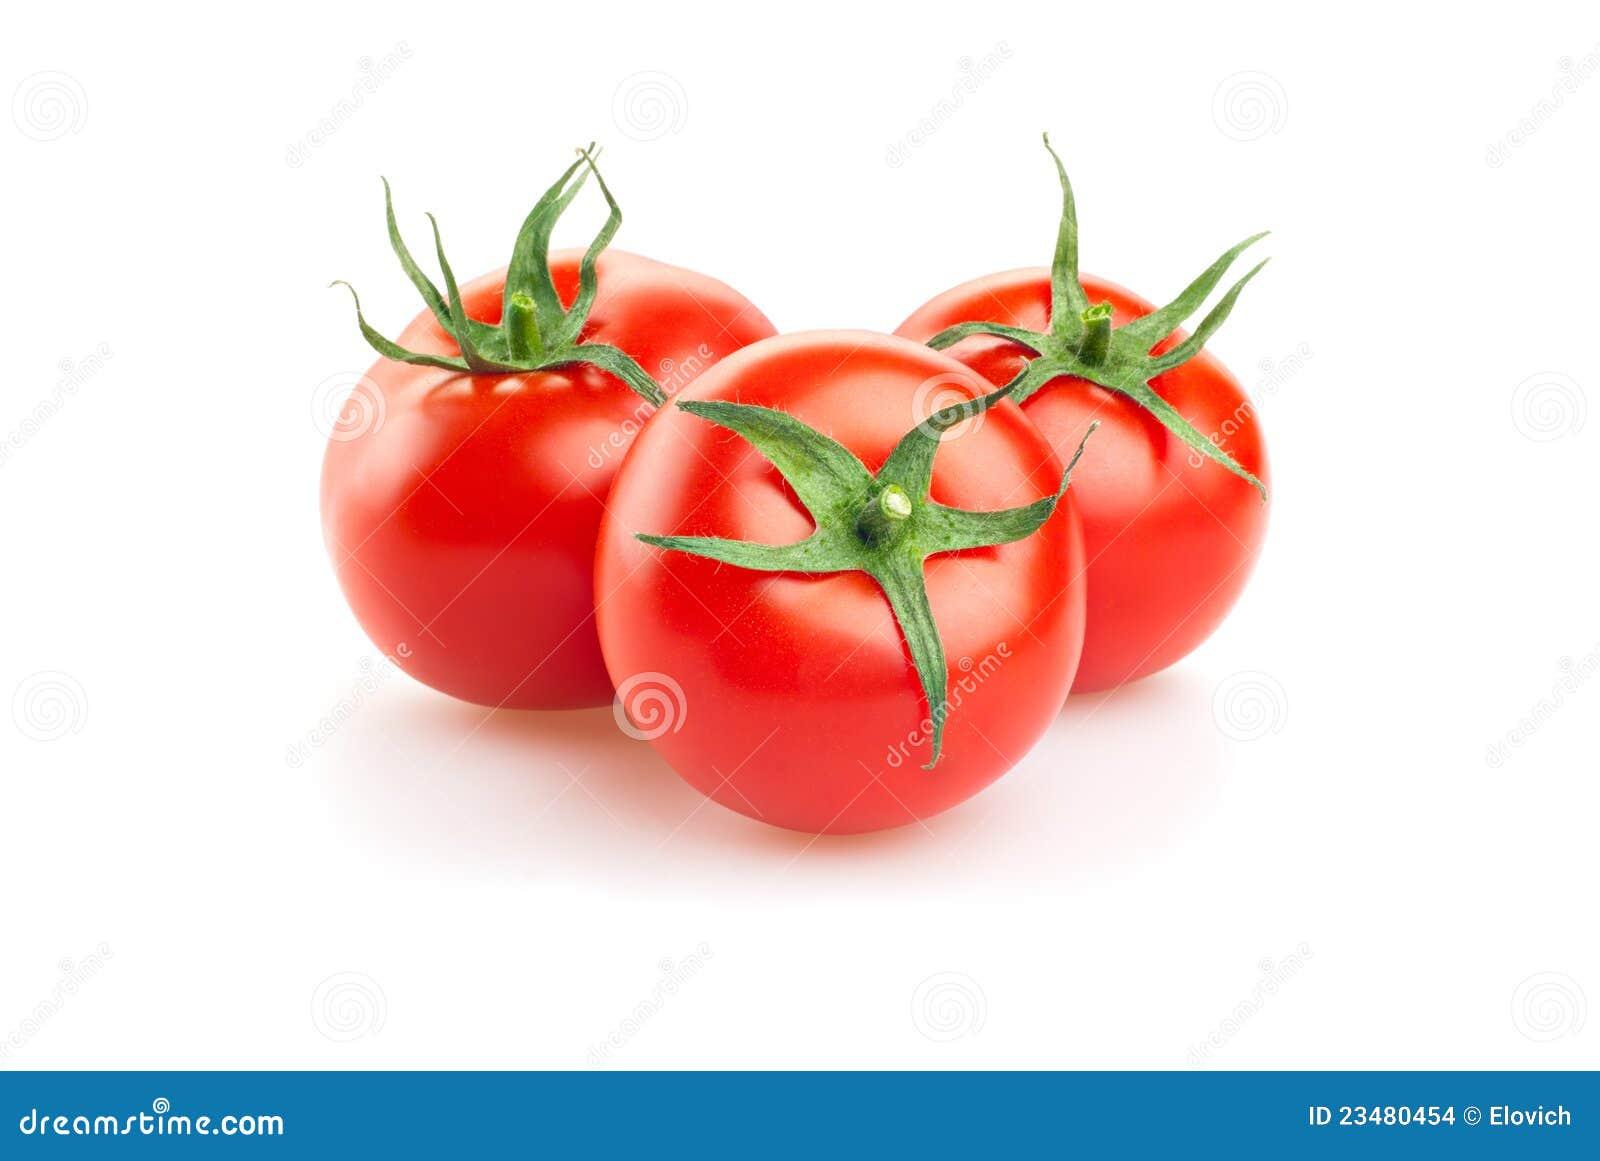 Röd tomat